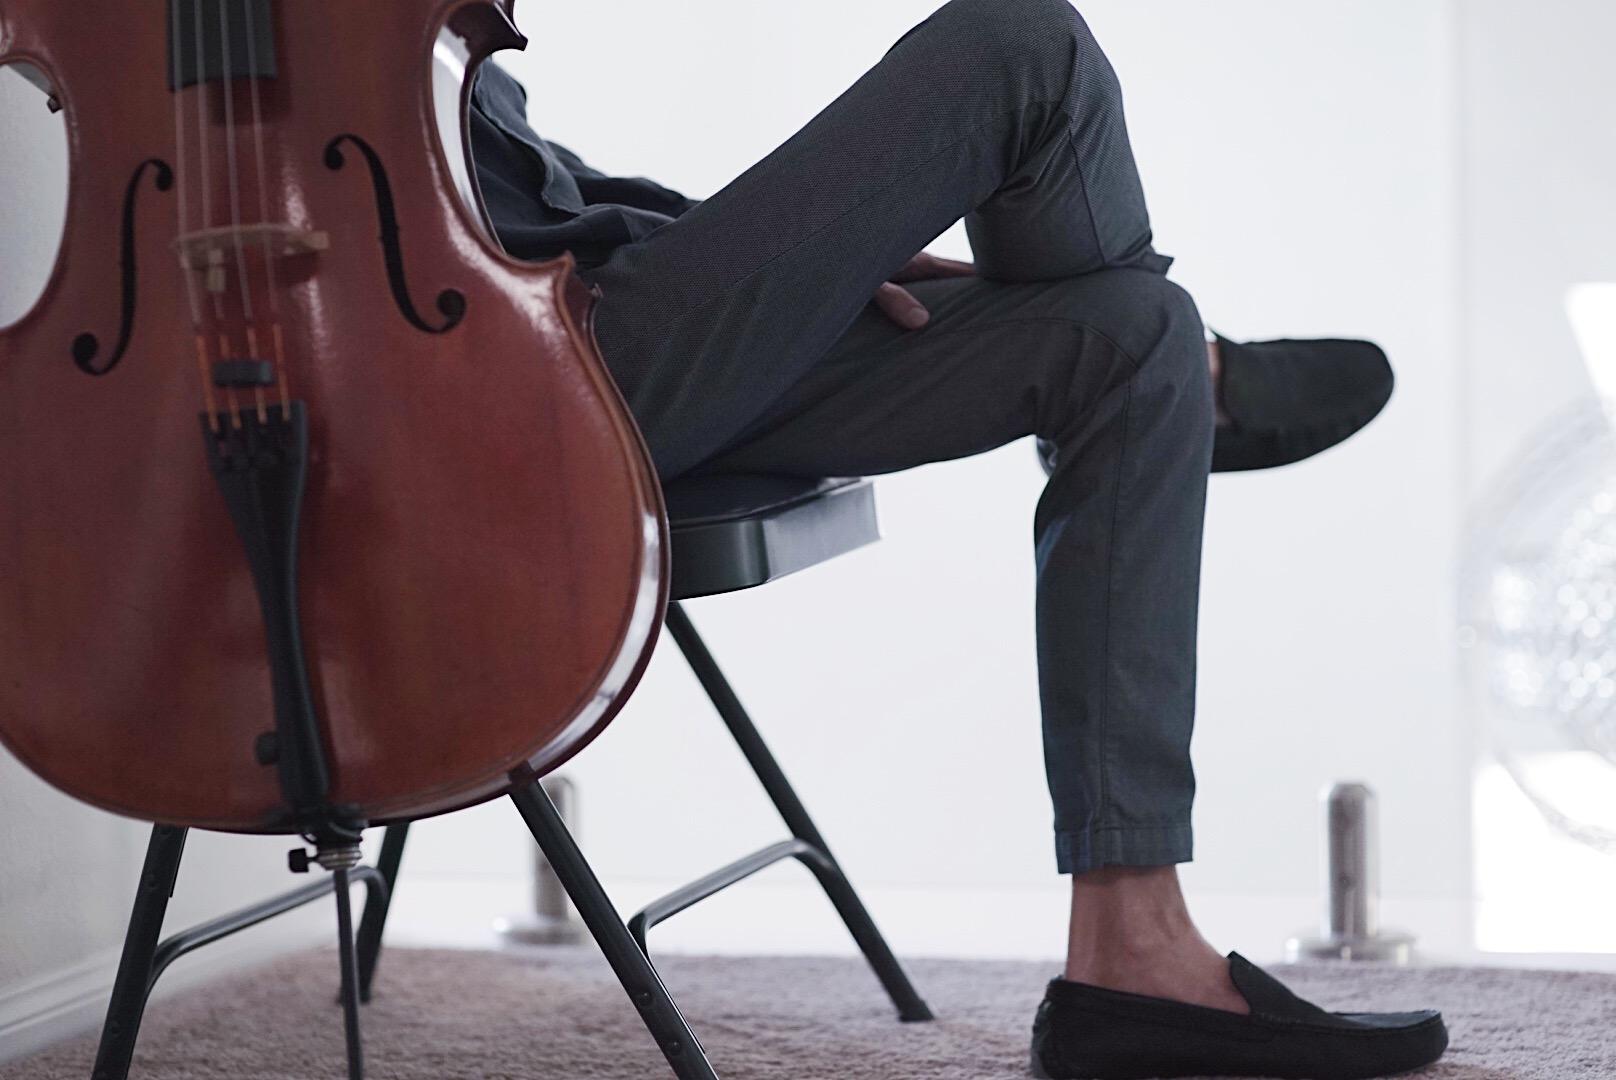 David with Cello